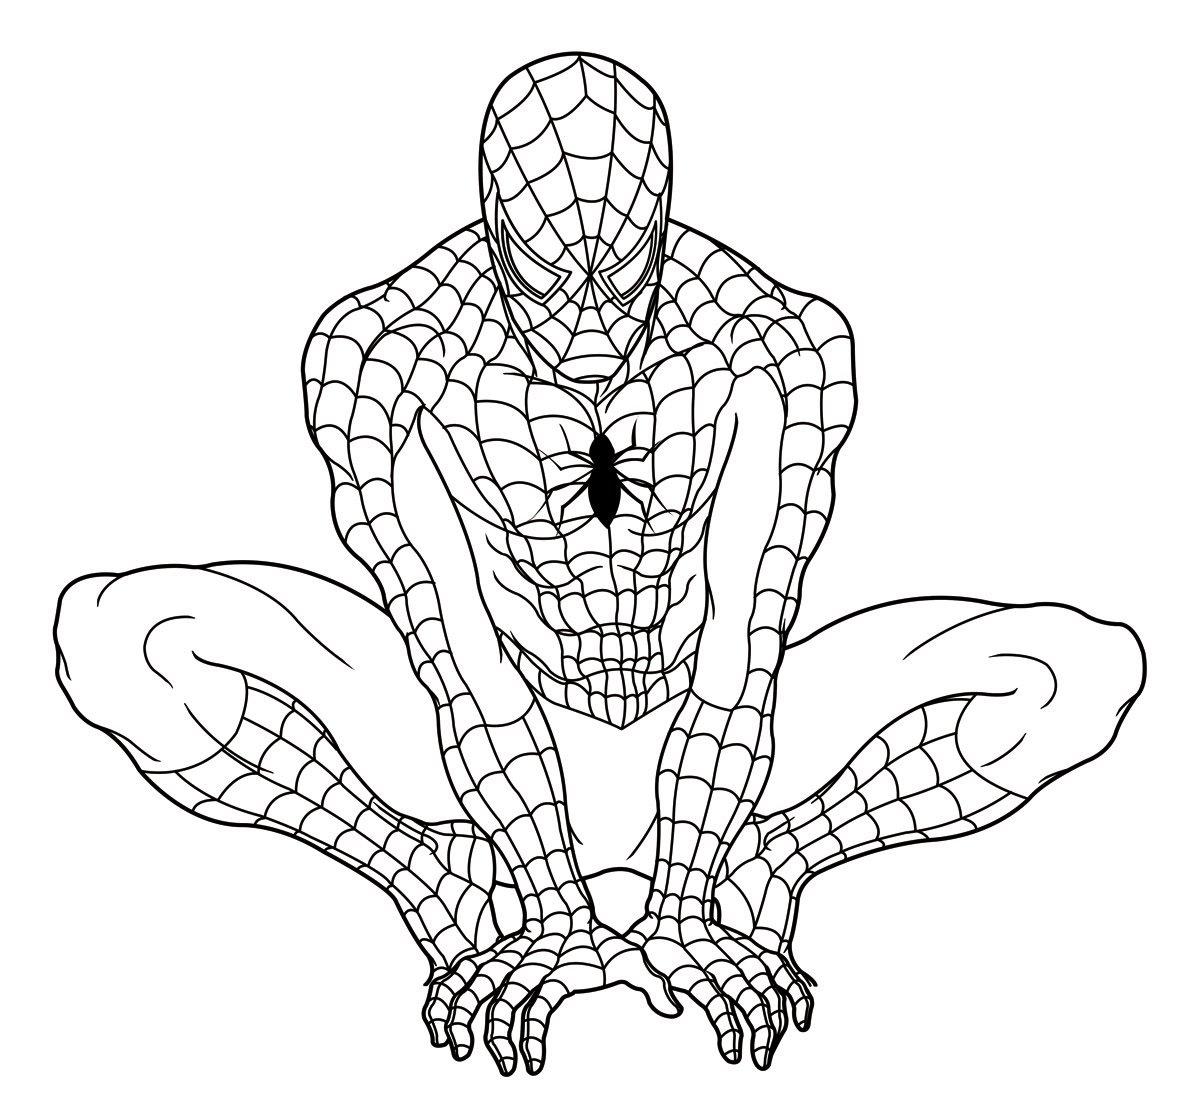 Desenhos Do Homem Aranha Para Colorir E Imprimir – Spiderman